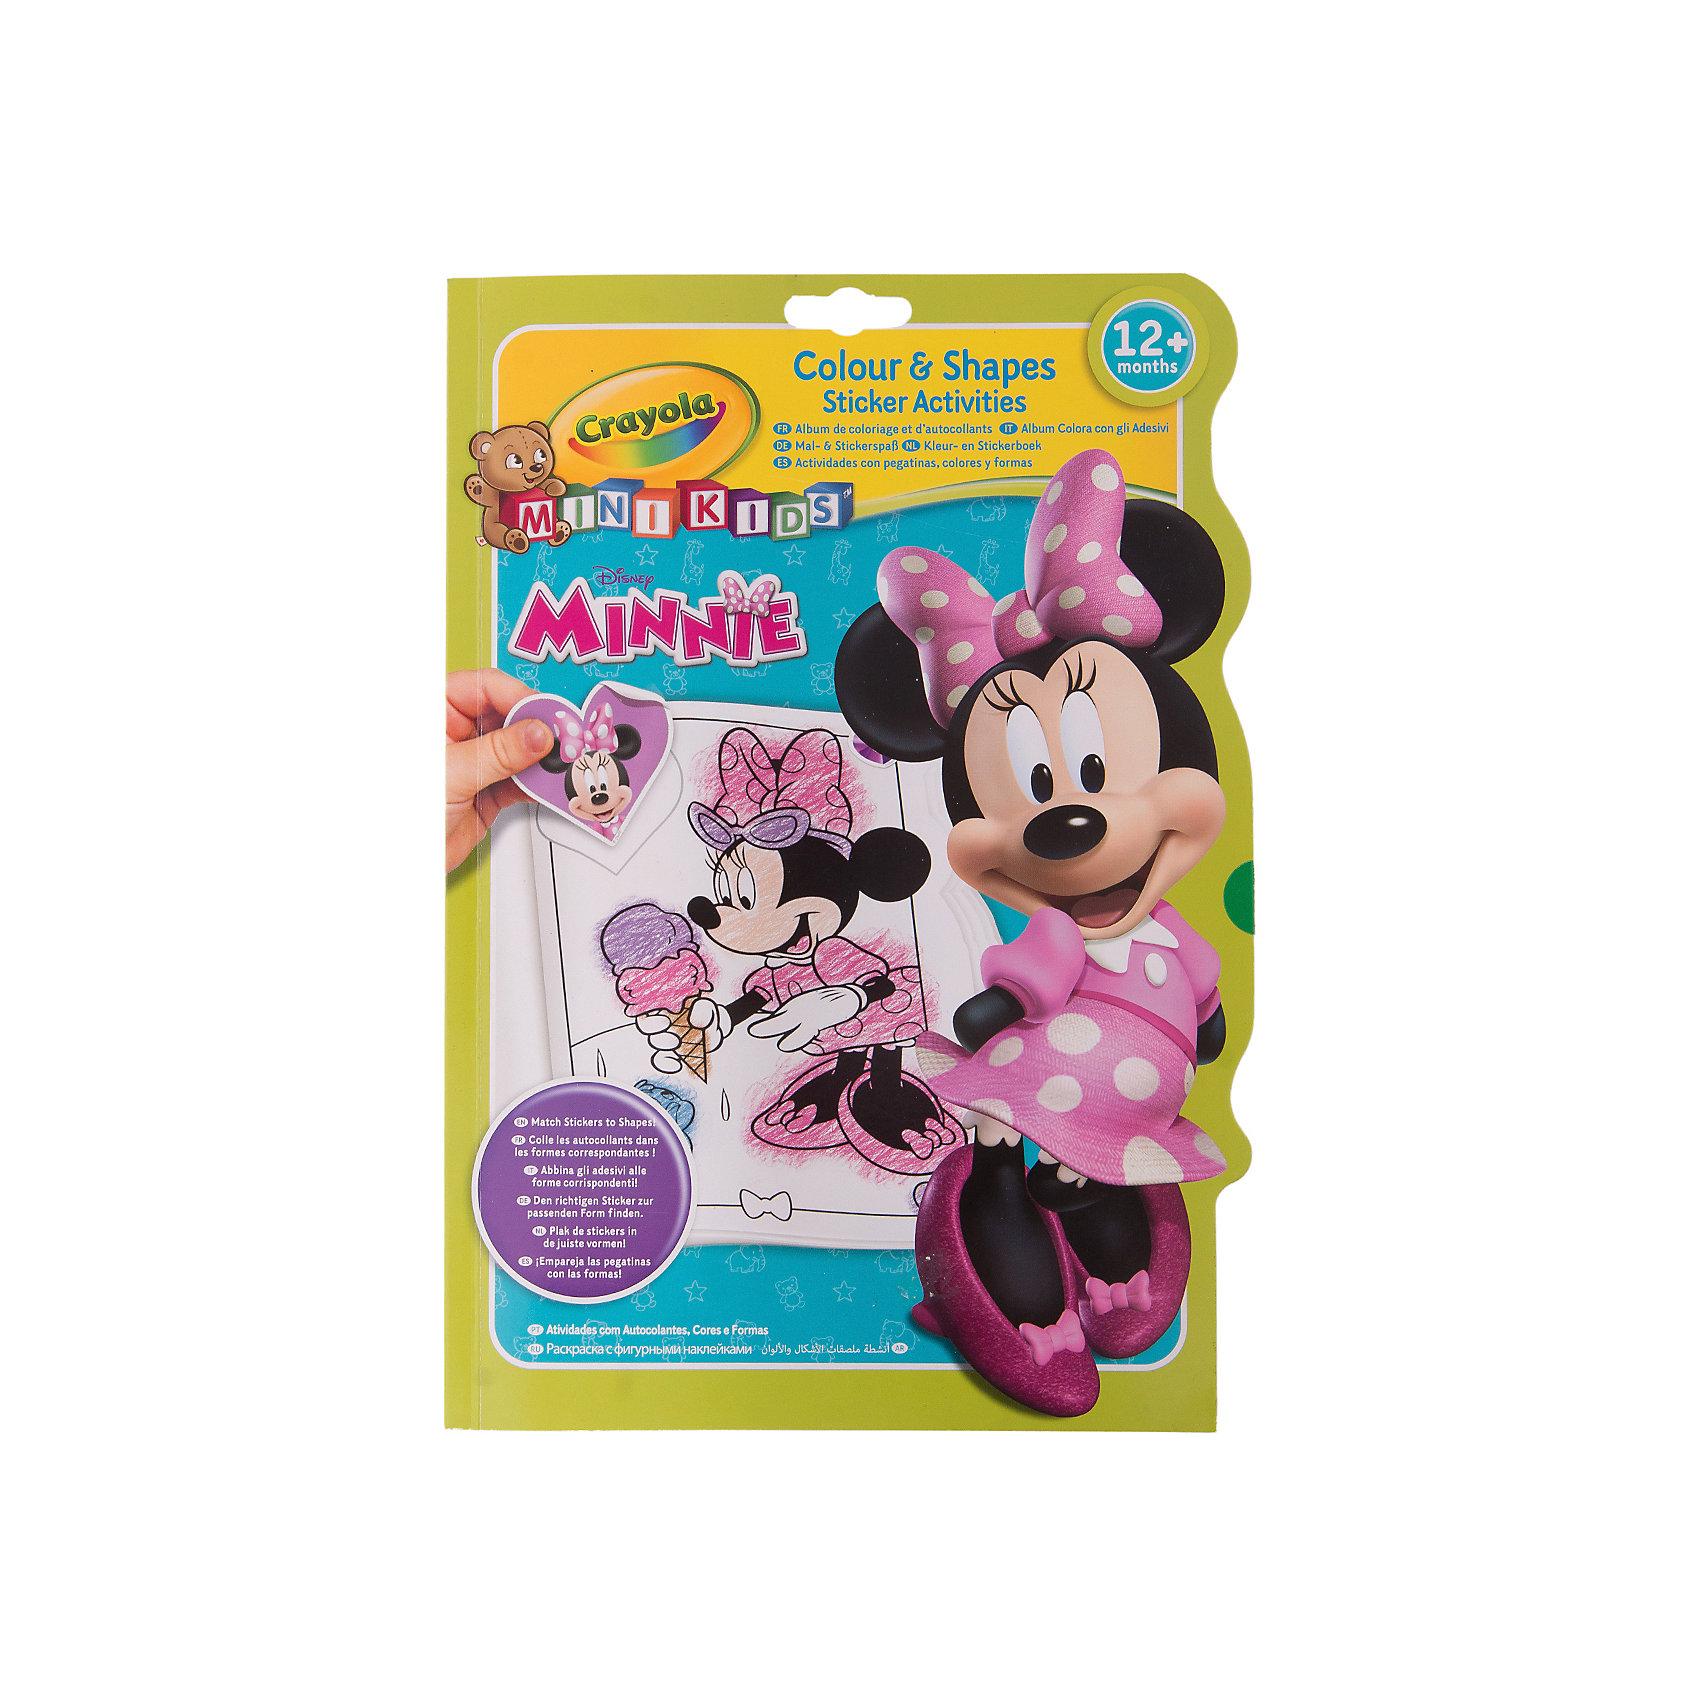 Раскраска с фигурными наклейками Минни МаусMinnie Mouse Товары для фанатов<br>Раскраска с фигурными наклейками Минни Маус включает в себя листы для раскрашивания, а также дополнительные листы с наклейками. На каждой странице изображены известные персонажи мультфильма «Микки Маус». Фигурные наклейки можно приклеить в специальные места, которые ребёнок определит в соответствии с силуэтом. Изделие выполнено из прочной и качественной бумаги, так что ребёнок сможет раскрашивать как карандашами, так и фломастерами. Наклейки помогут определить ребёнку, в какой цветовой гамме нужно раскрасить персонажей.  . Раскрашивая чёрно-белые картинки, ребёнок научится различать палитру цветов и обретёт навыки рисования.<br><br>В набор входит:<br>-раскраска<br>-листы с наклейками<br><br>Дополнительная информация:<br>-Бренд:Crayola(Крайола)- бренд художественных изделий<br>-Возраст: от 3 лет<br>-Для мальчиков и девочек<br>-Цвет: разноцветная<br>-Состав изделия: картон, бумага<br>-Размер изделия:30 х 1 х 20<br>-Страна обладатель бренда: США.<br><br>Ширина мм: 300<br>Глубина мм: 10<br>Высота мм: 200<br>Вес г: 180<br>Возраст от месяцев: 36<br>Возраст до месяцев: 96<br>Пол: Женский<br>Возраст: Детский<br>SKU: 4936096